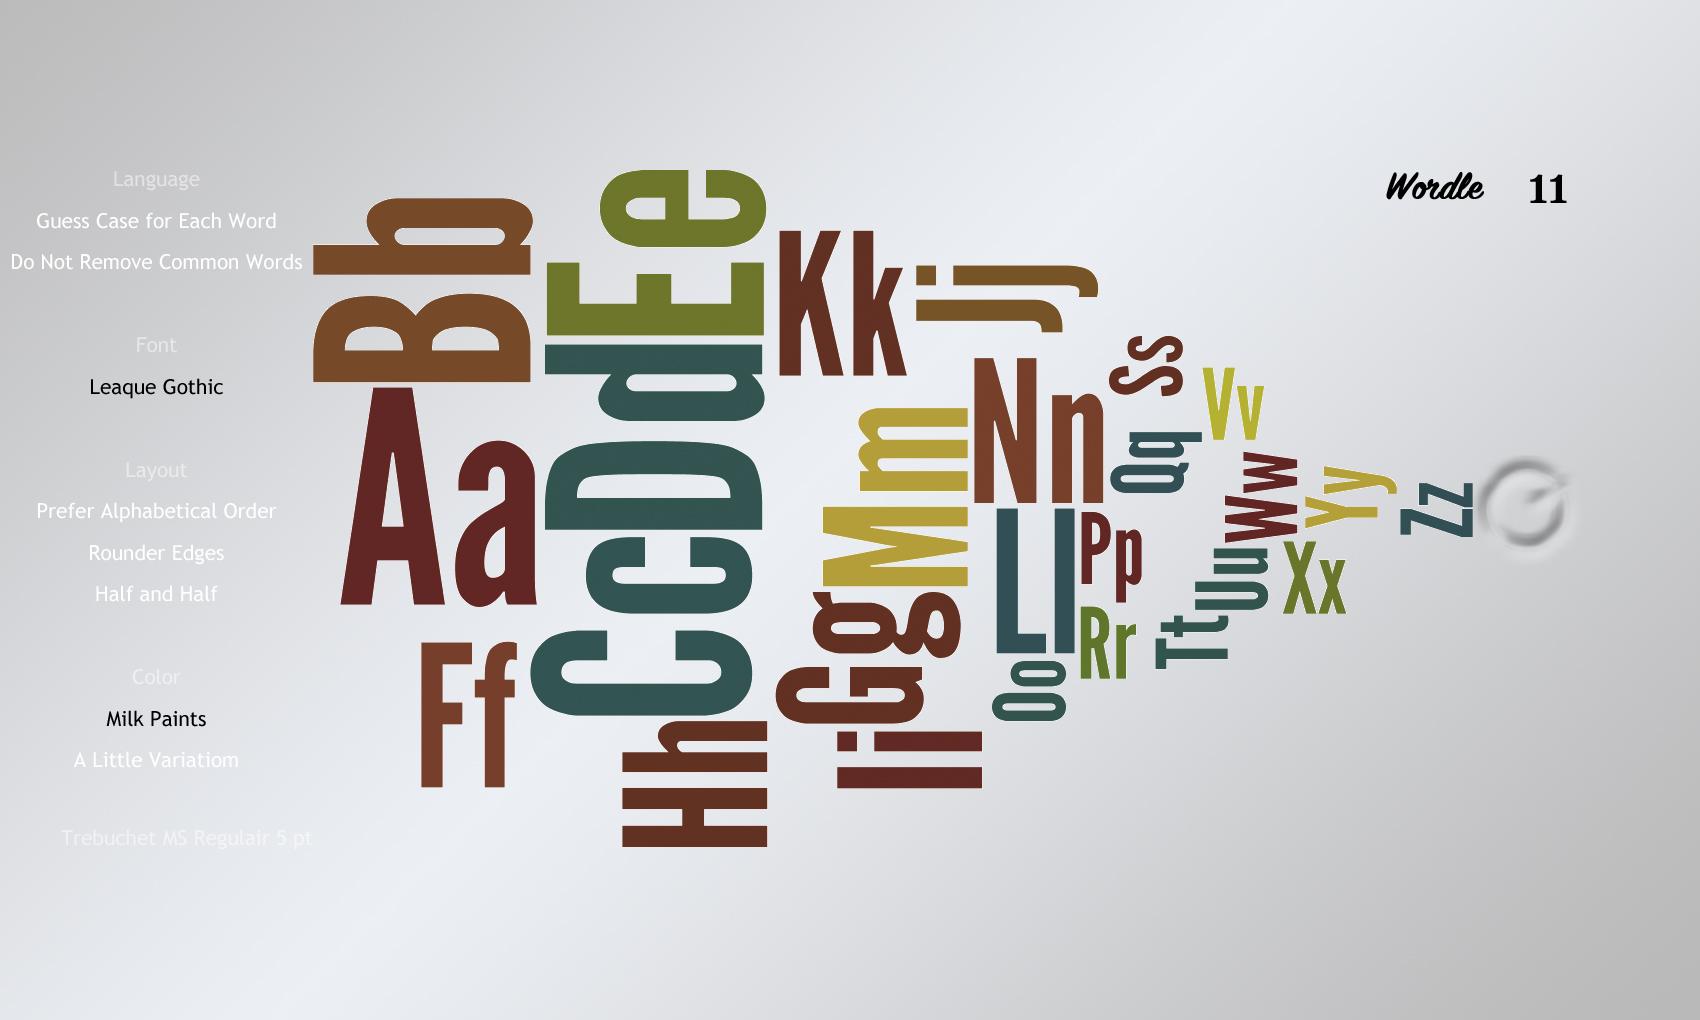 Wordle 11 Leaque Gothic